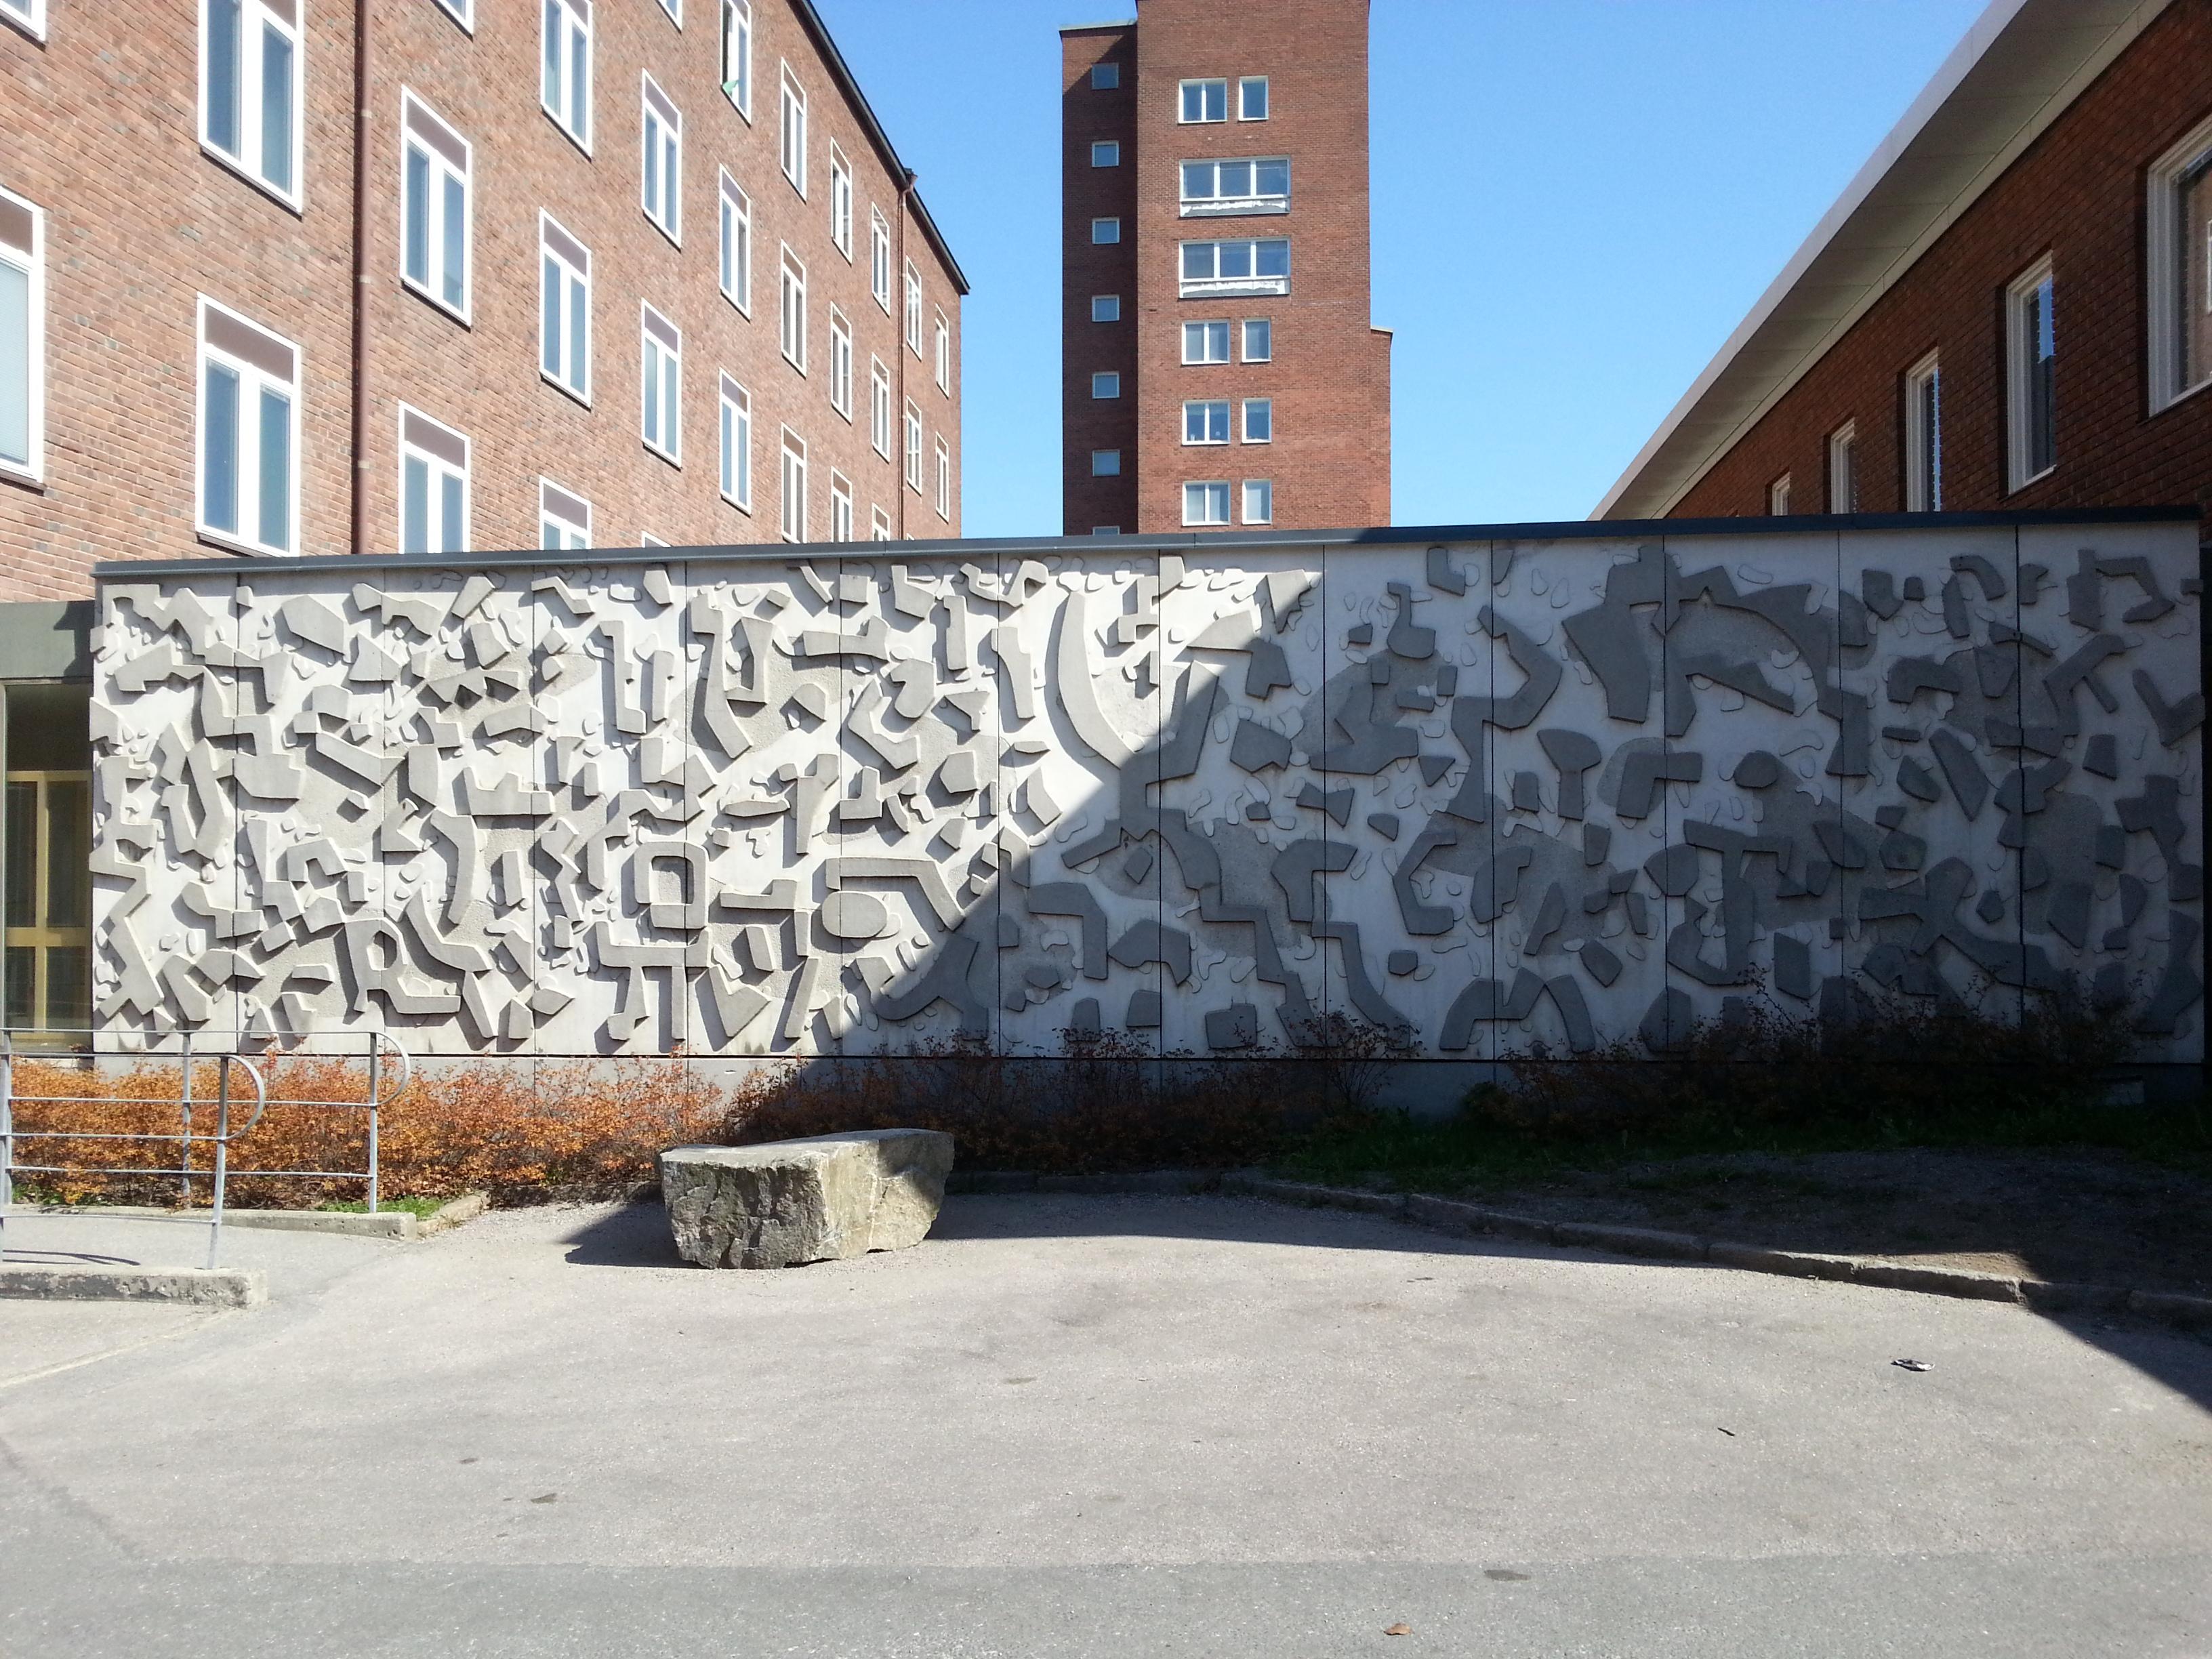 karolinska sjukhuset organisationsnummer